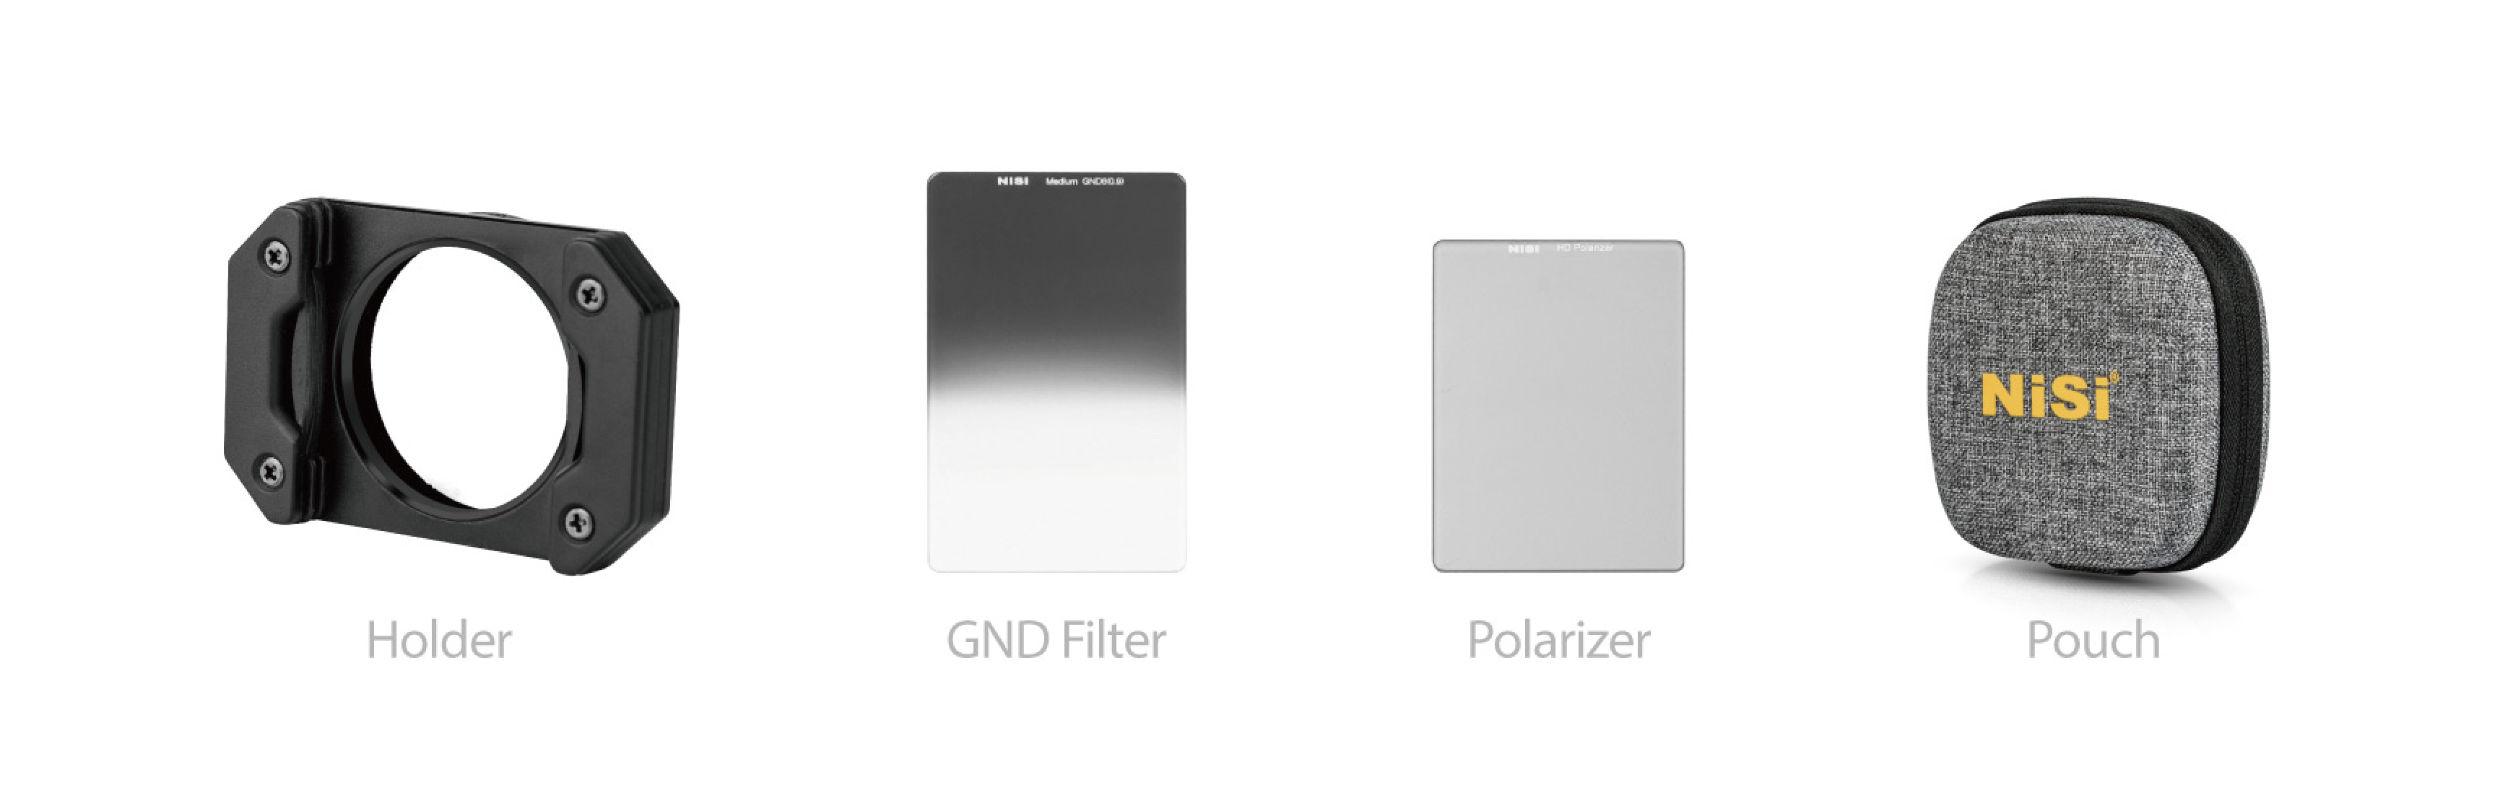 NiSi X100V Starter Kit